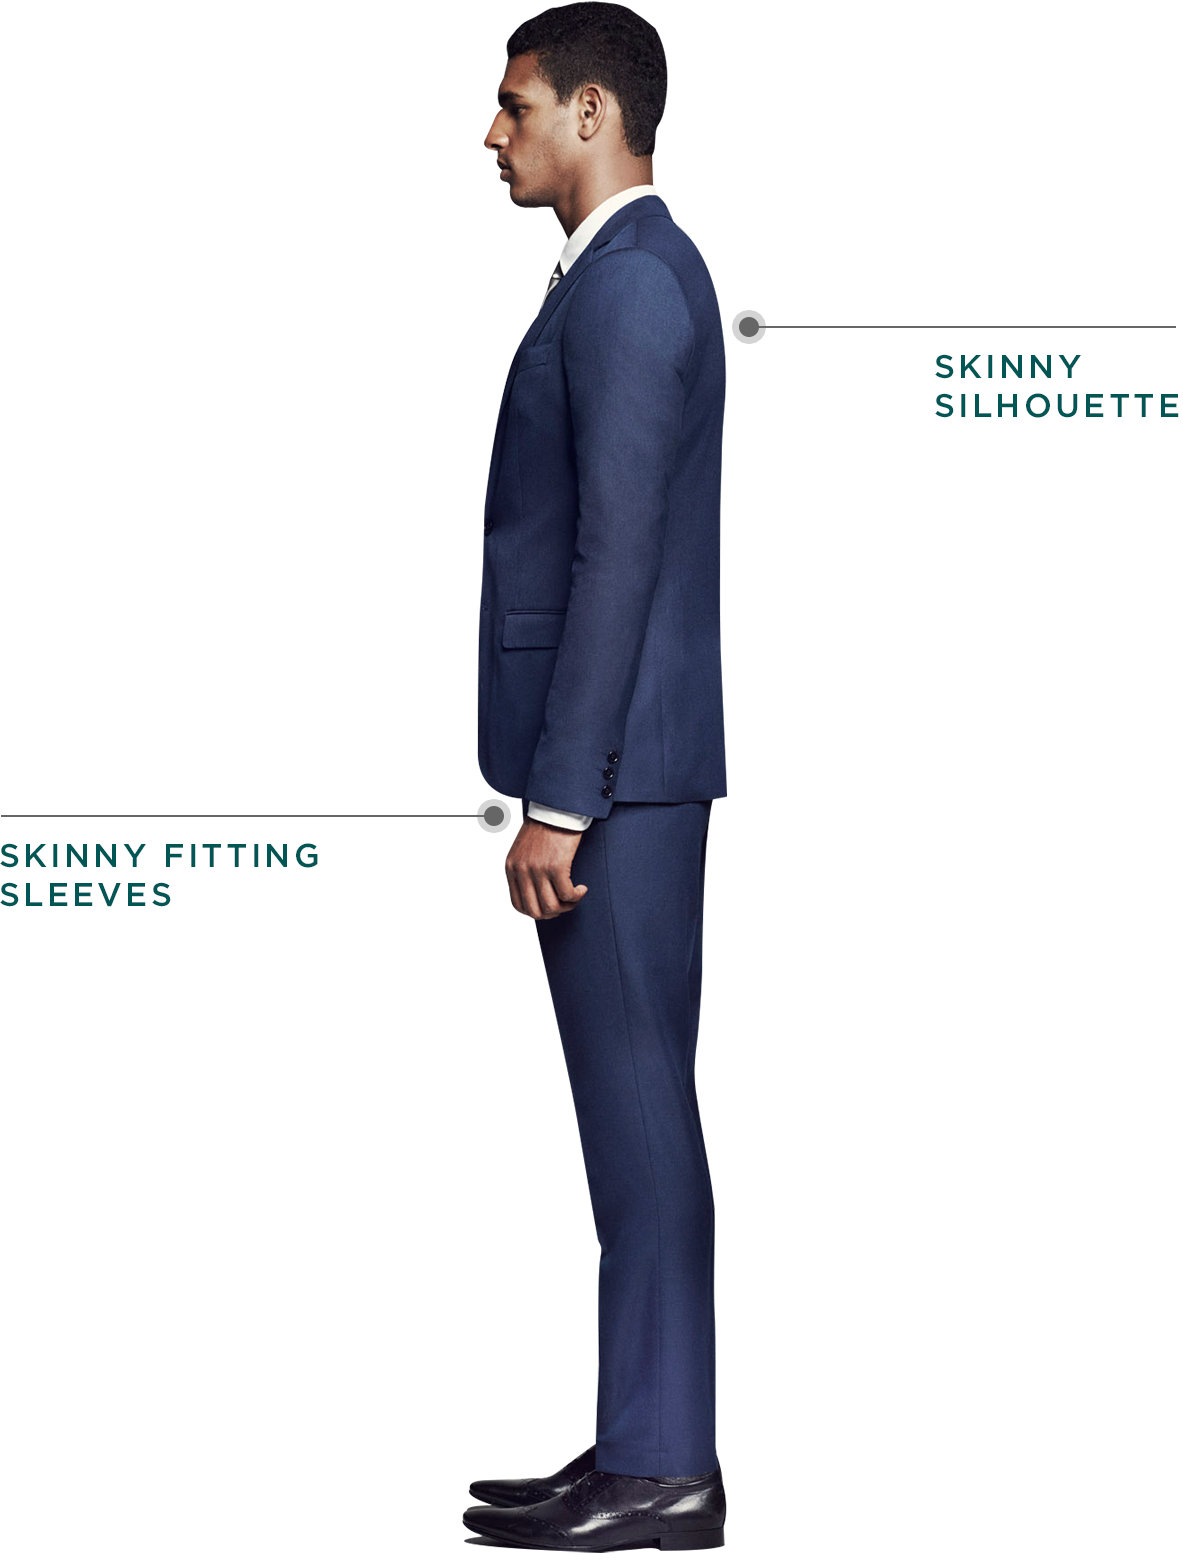 skinny suit guides river island. Black Bedroom Furniture Sets. Home Design Ideas